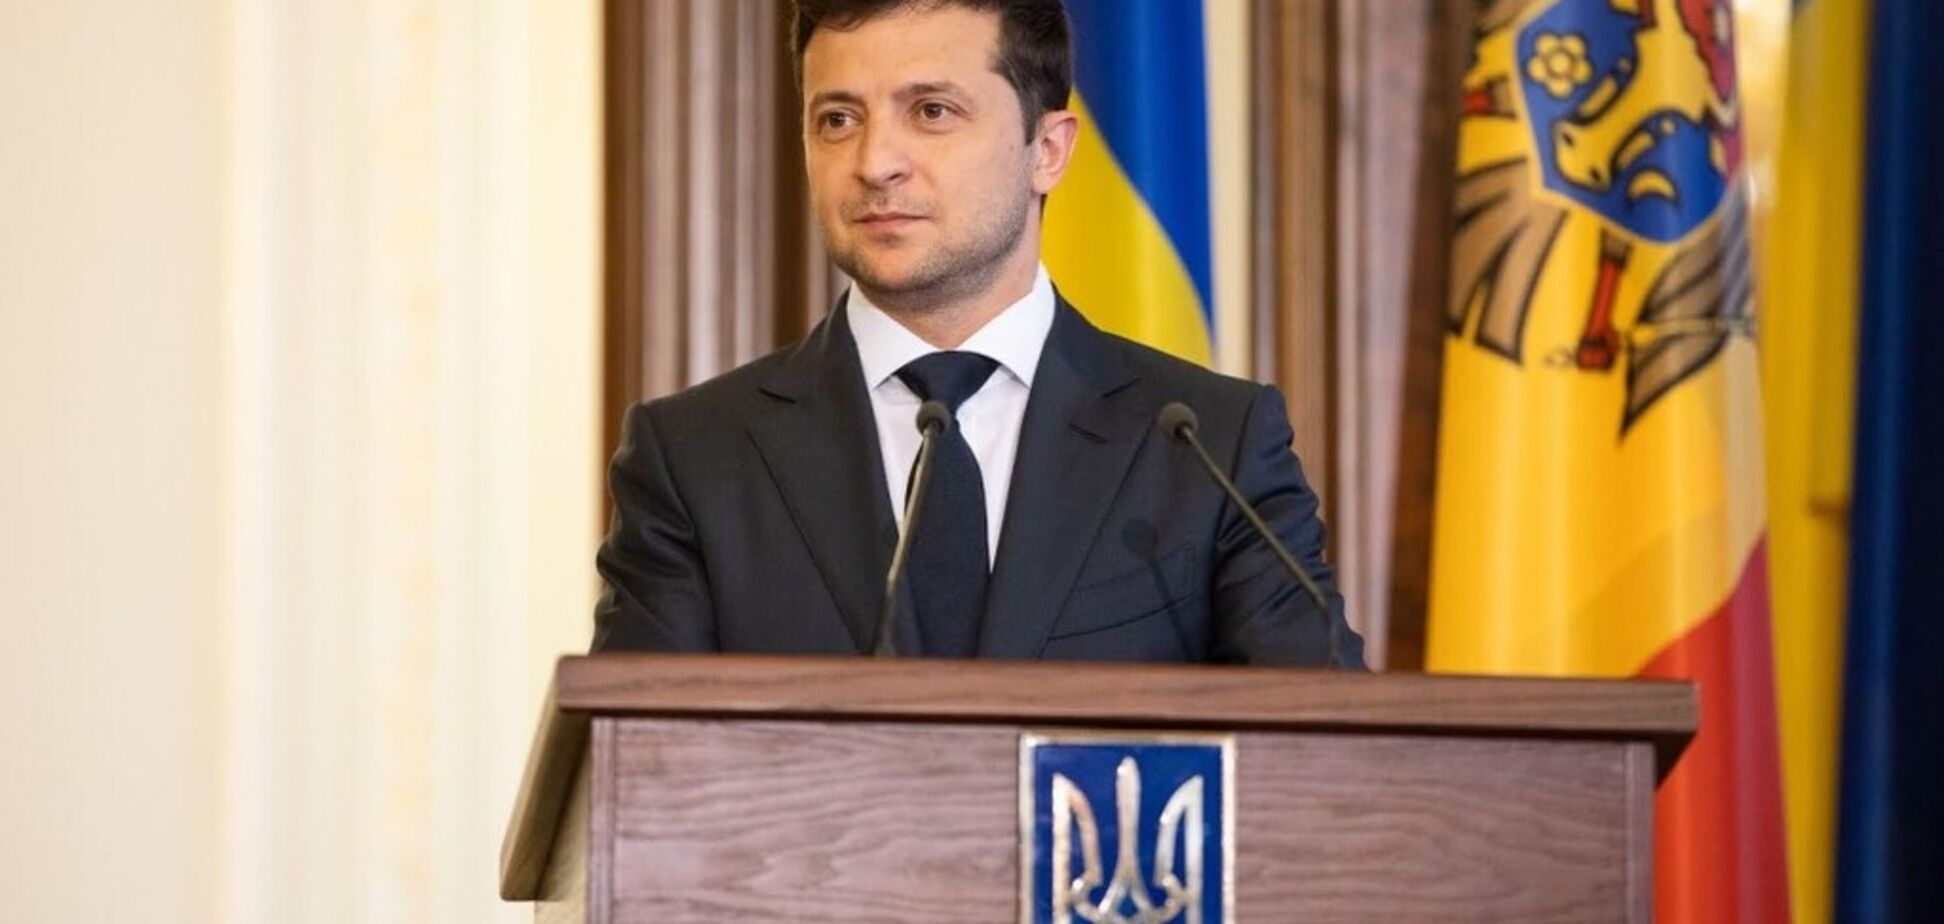 'Не позволим!' Зеленский сделал жесткое заявление о федерализации Украины